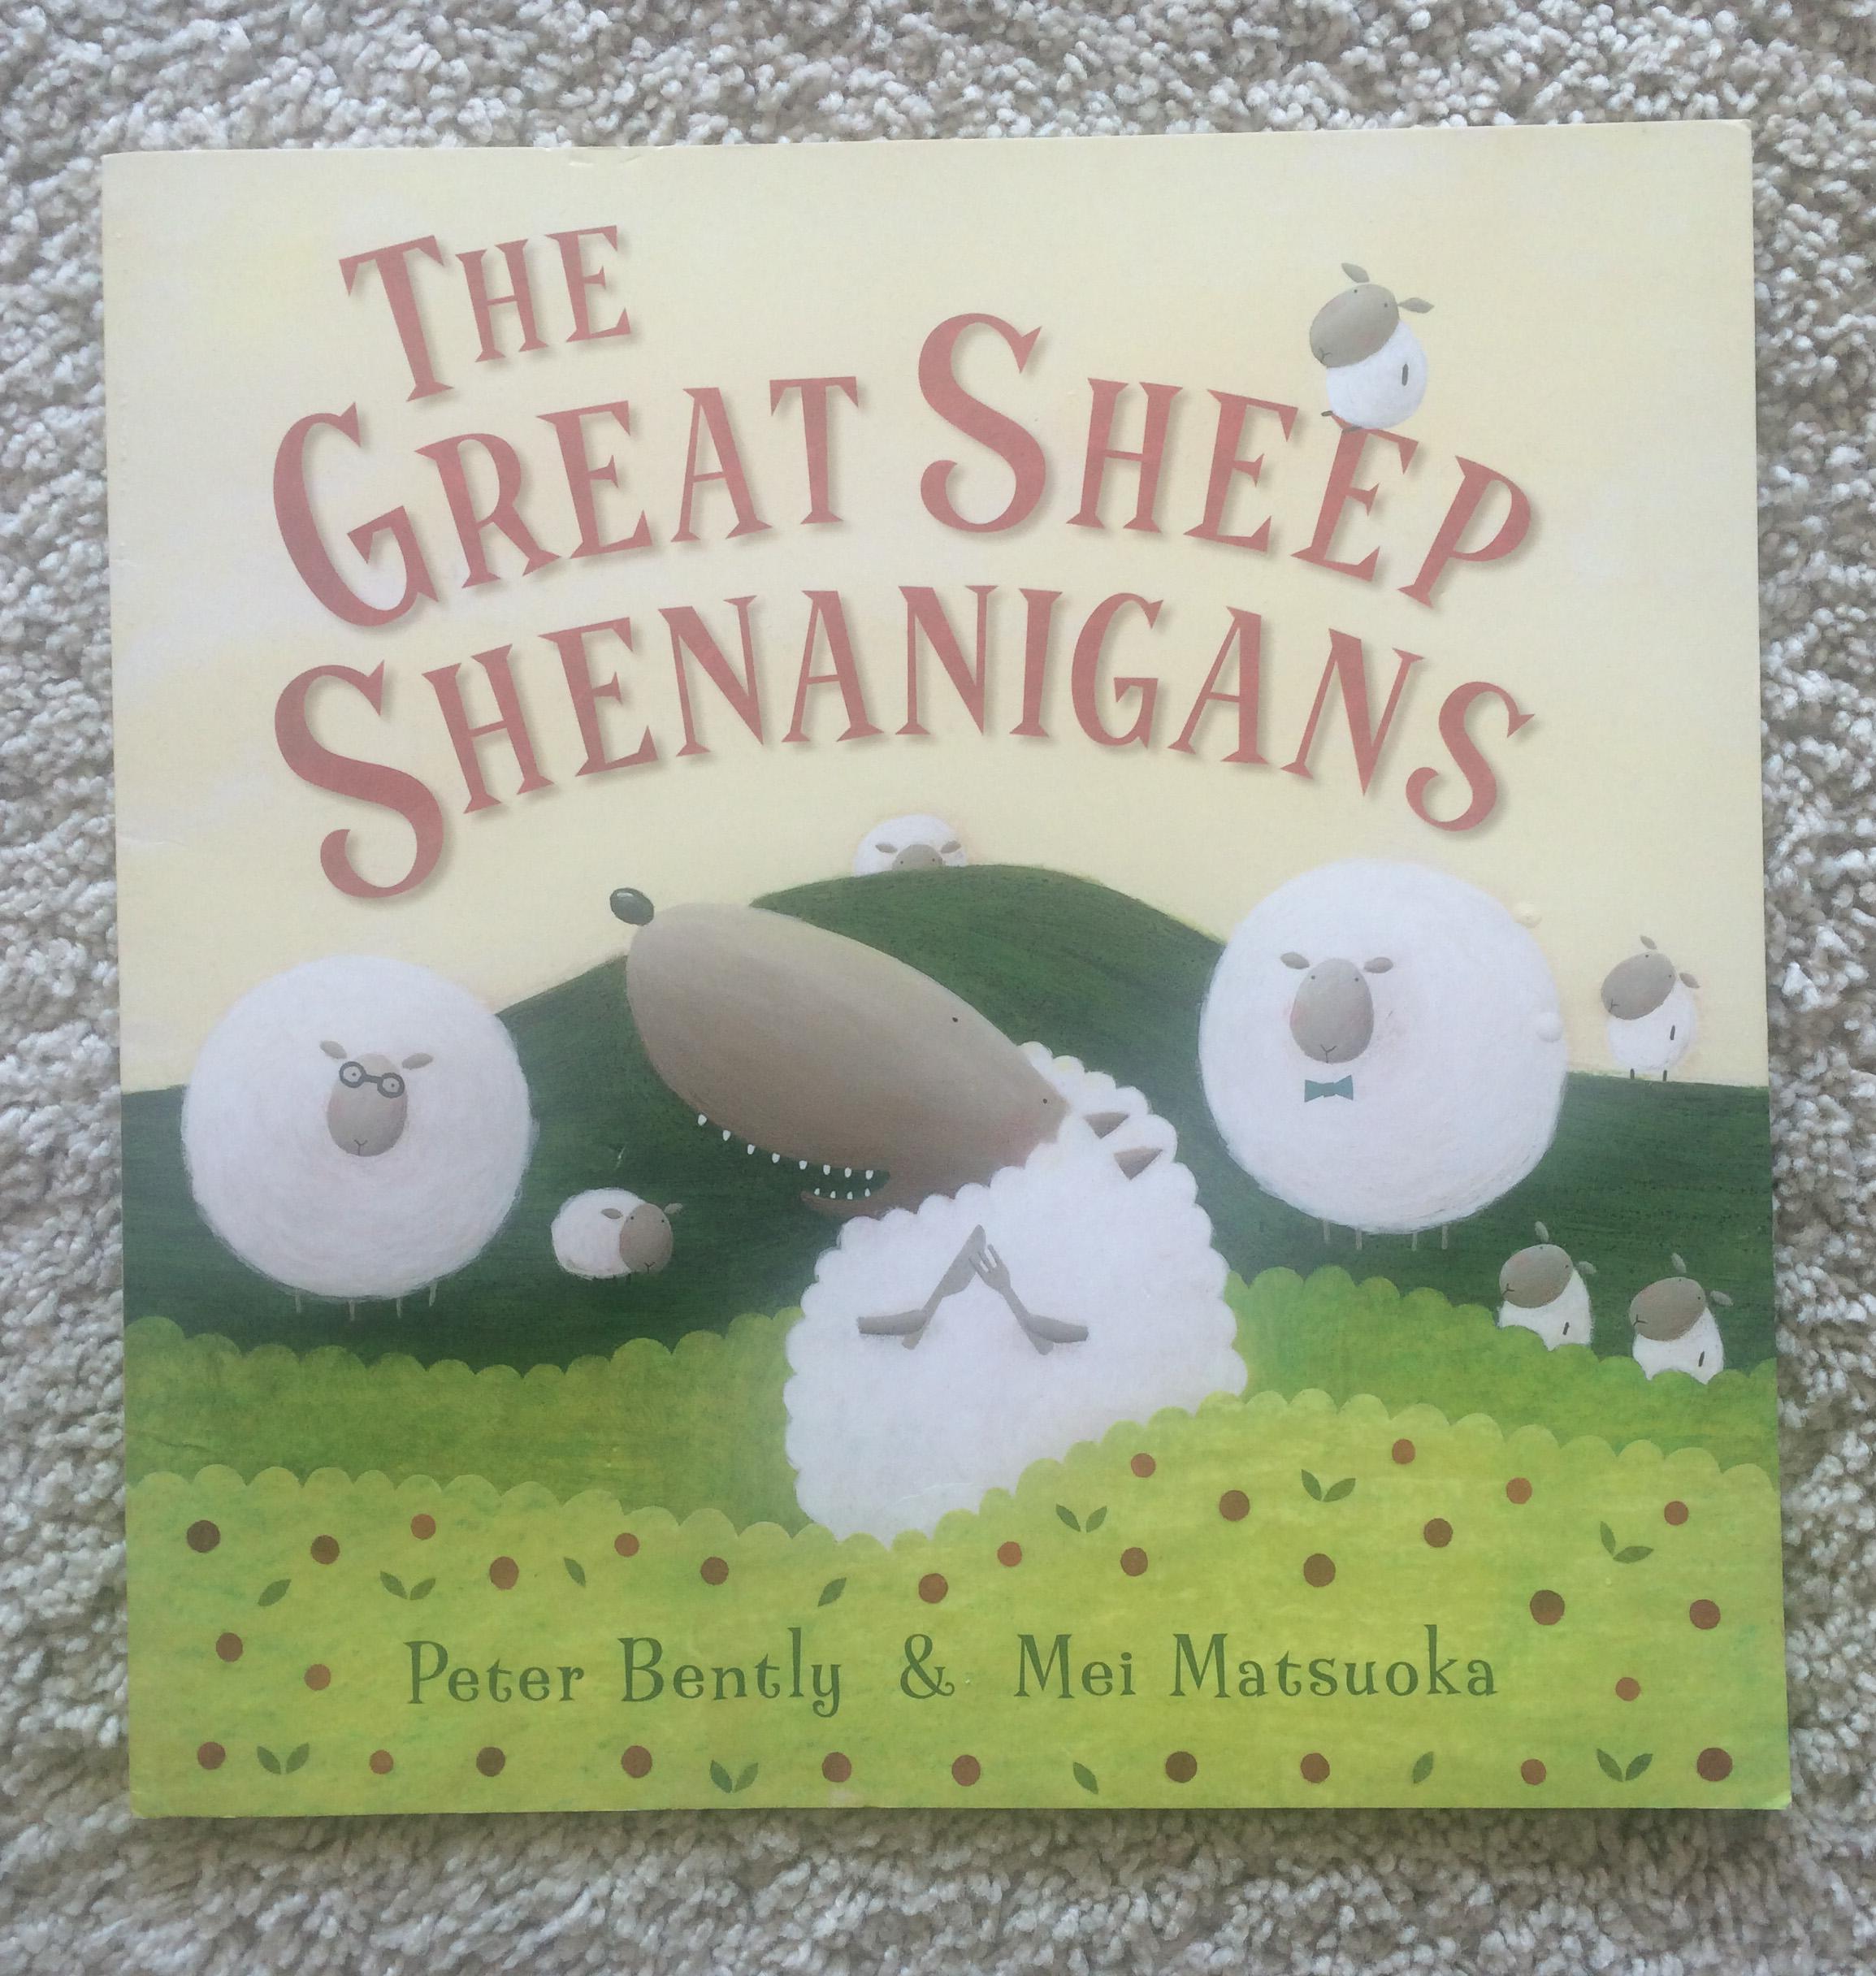 The Great Sheep Sheep Shenanigans by Peter Bently & Mei Matsuoka